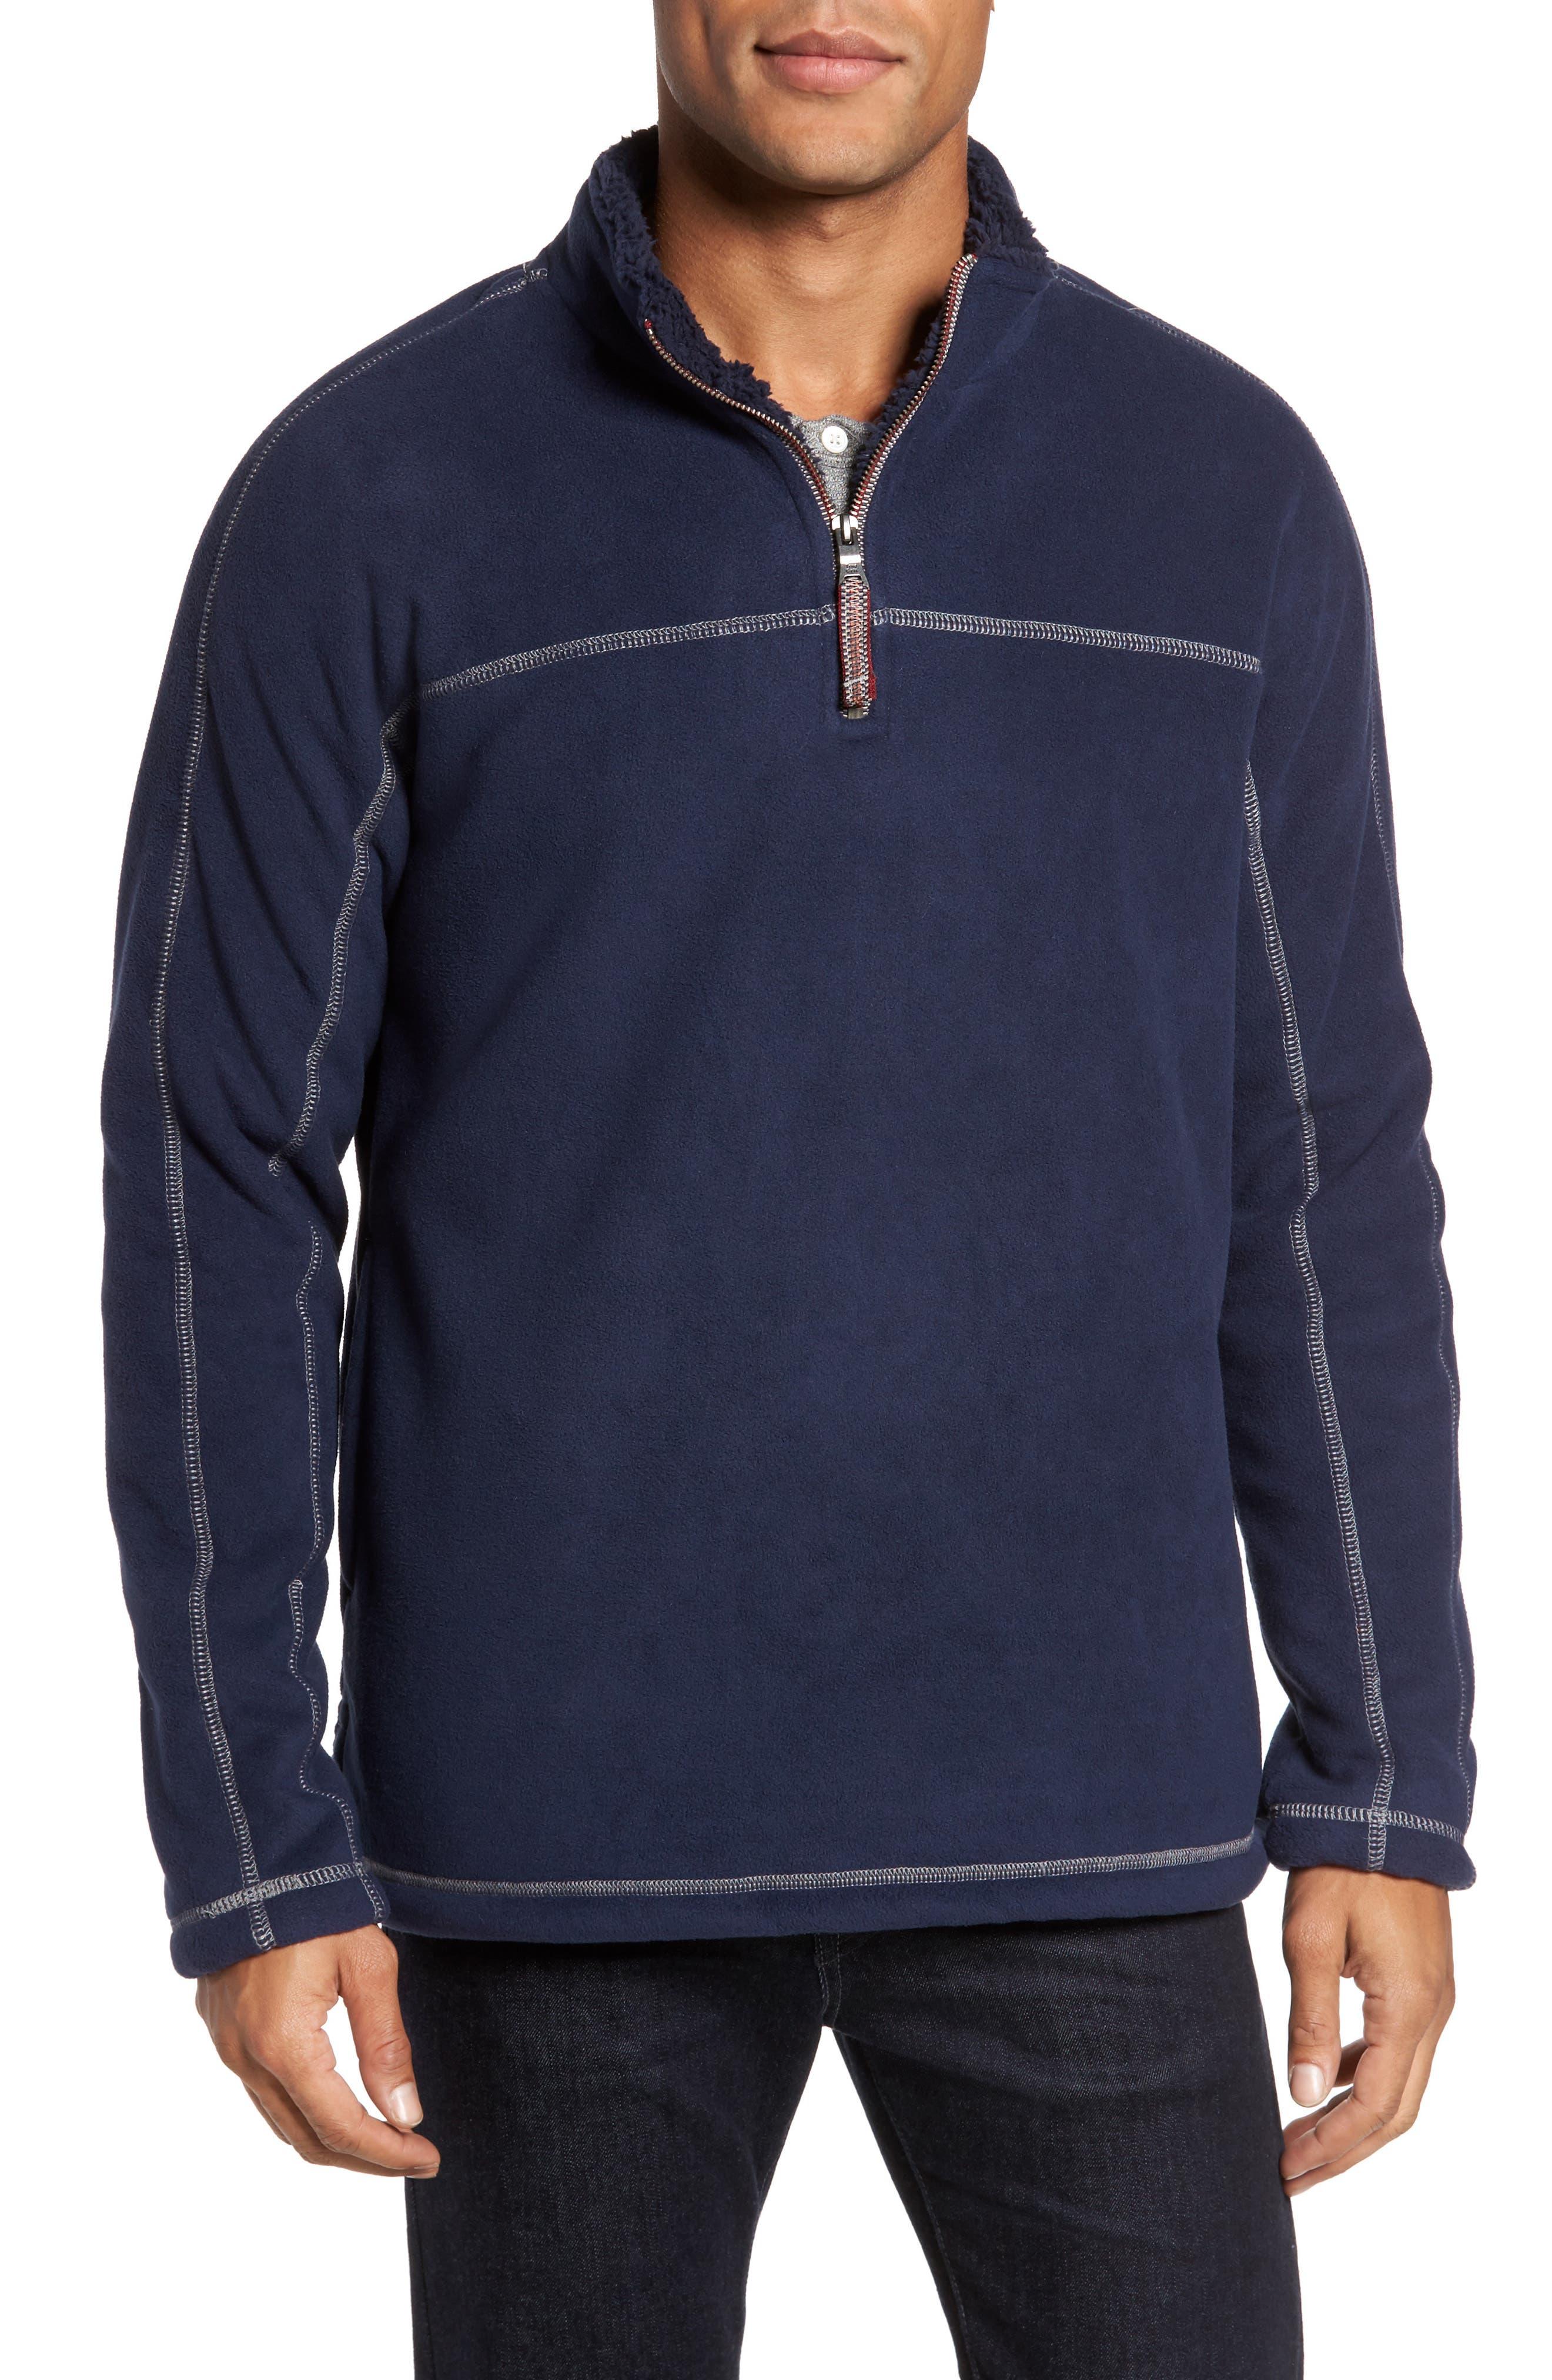 Main Image - True Grit Bonded Polar Fleece Lined Pullover